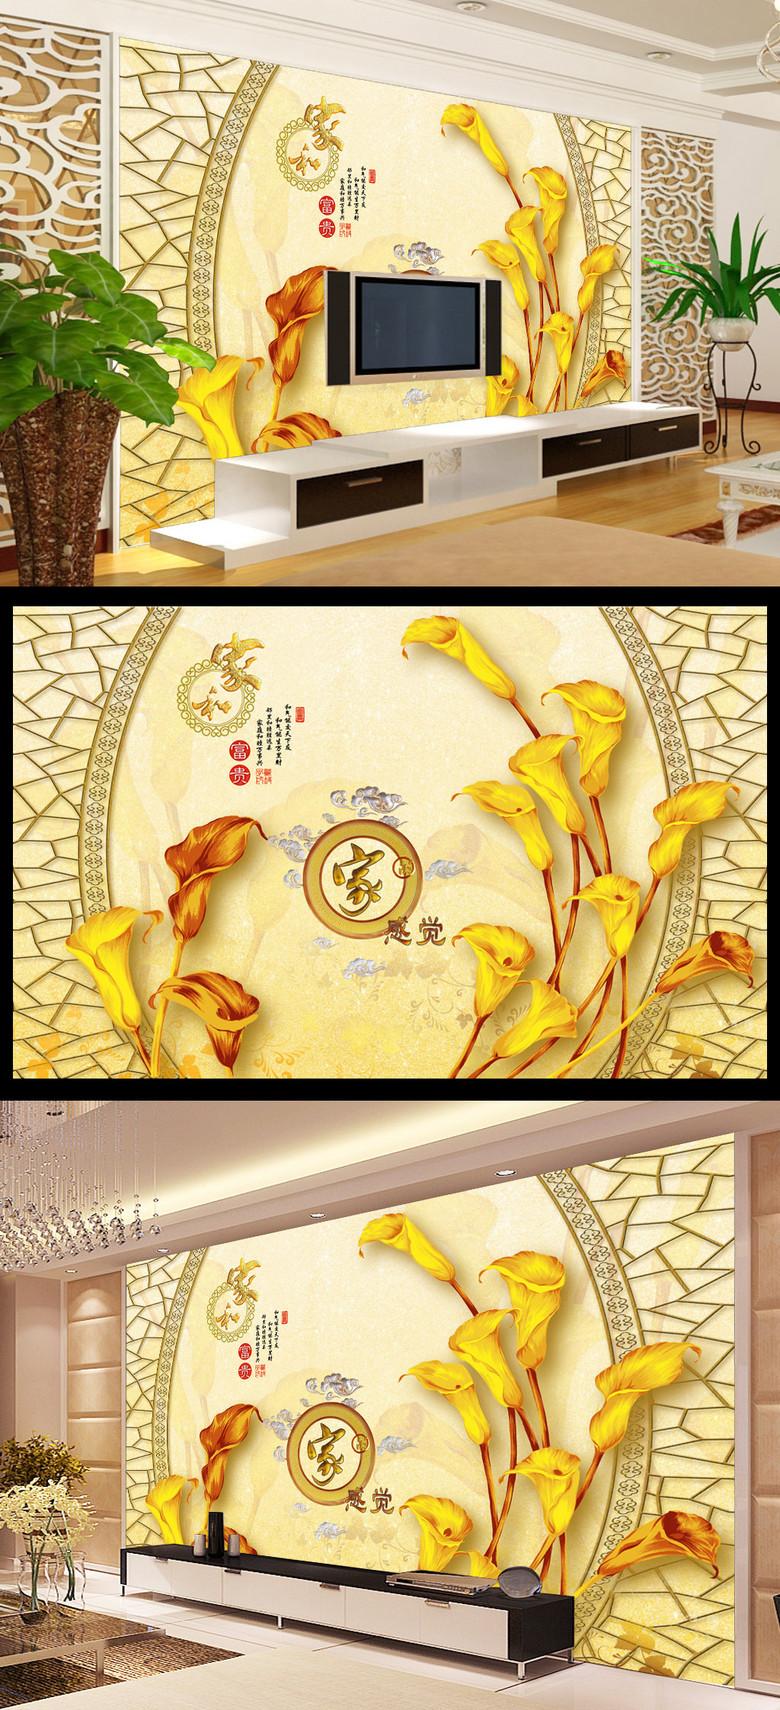 贵古典中式窗花苿莉花电视背景墙效果图 13075925 电视背景墙效果图